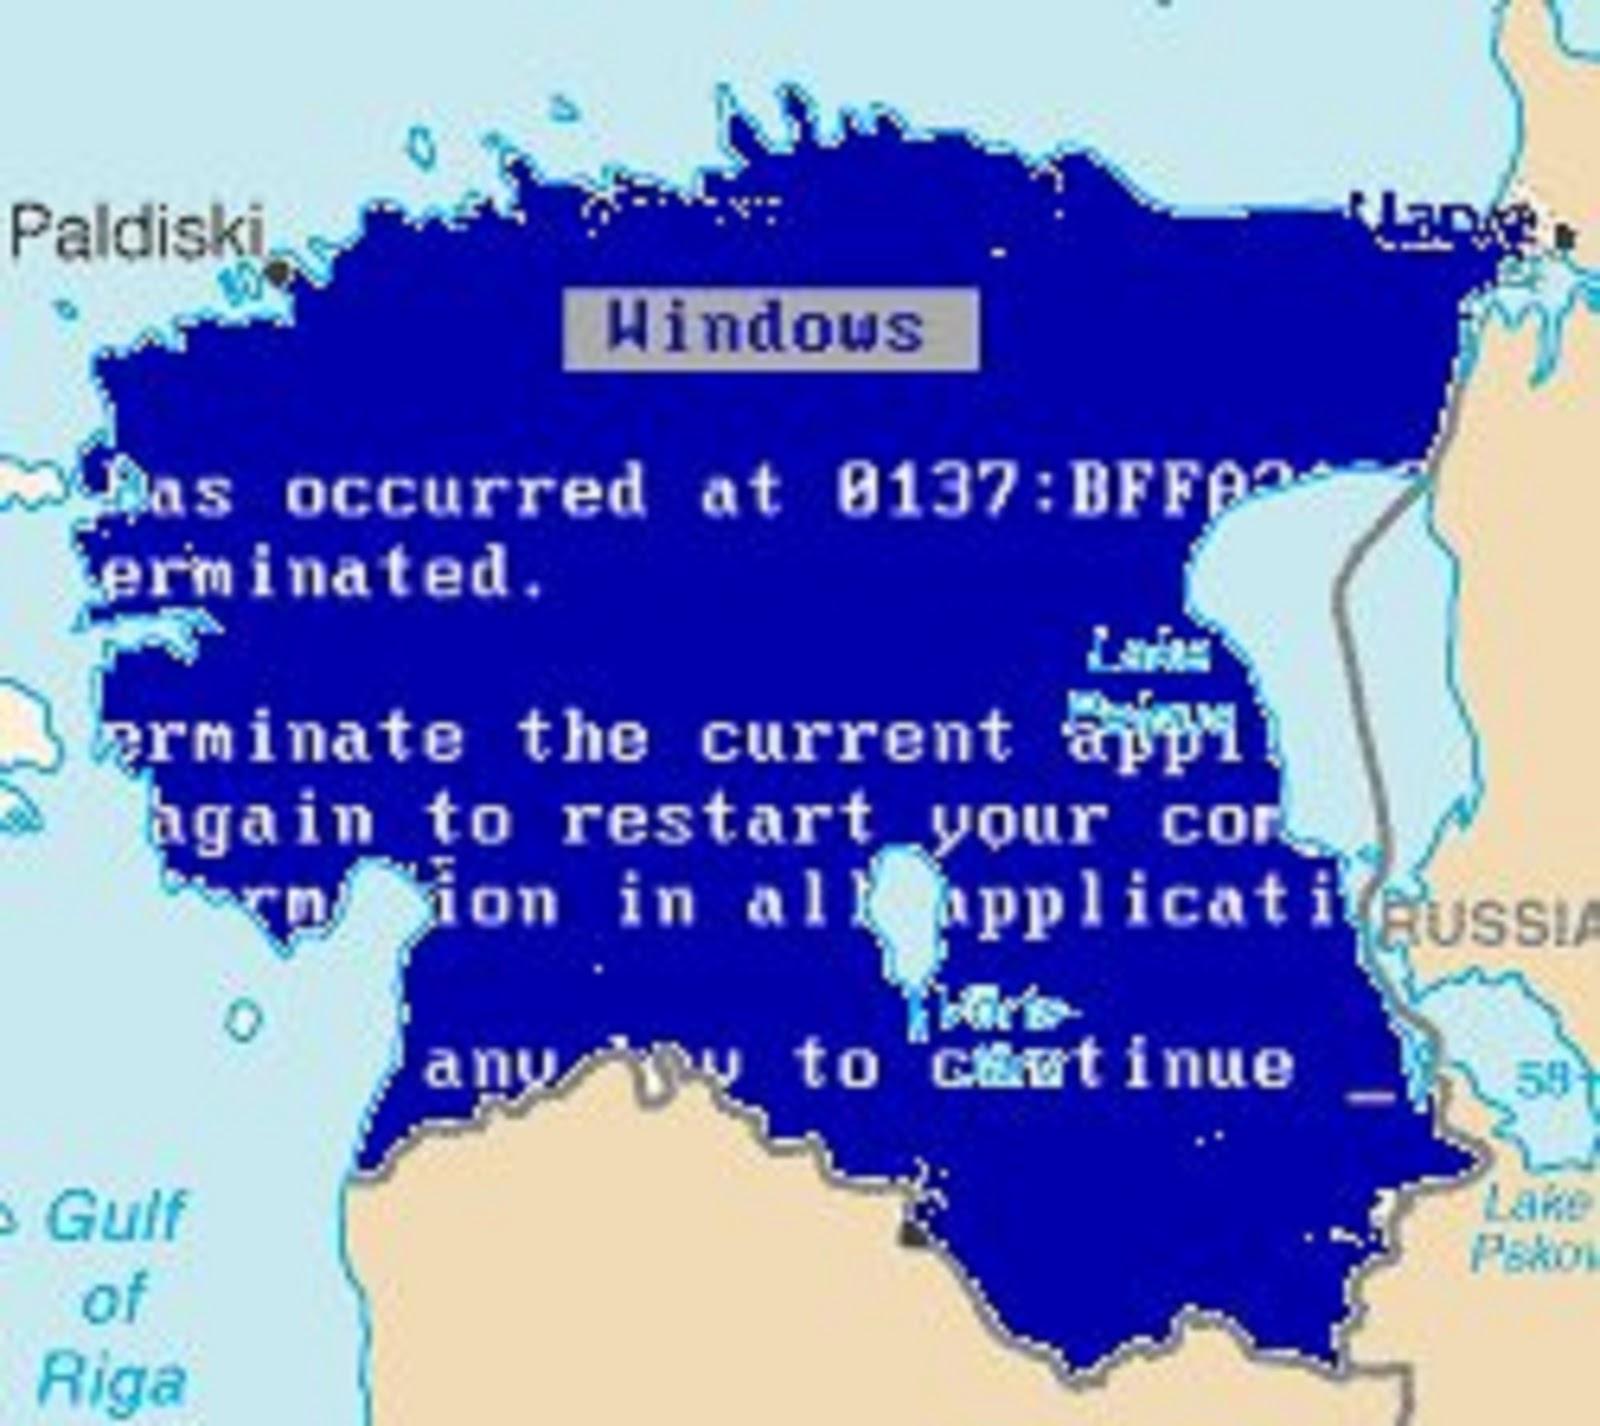 um dos primeiros registros de guerra cibernetica apontam a estonia da indignacao a falta de energia como a primeira vitima